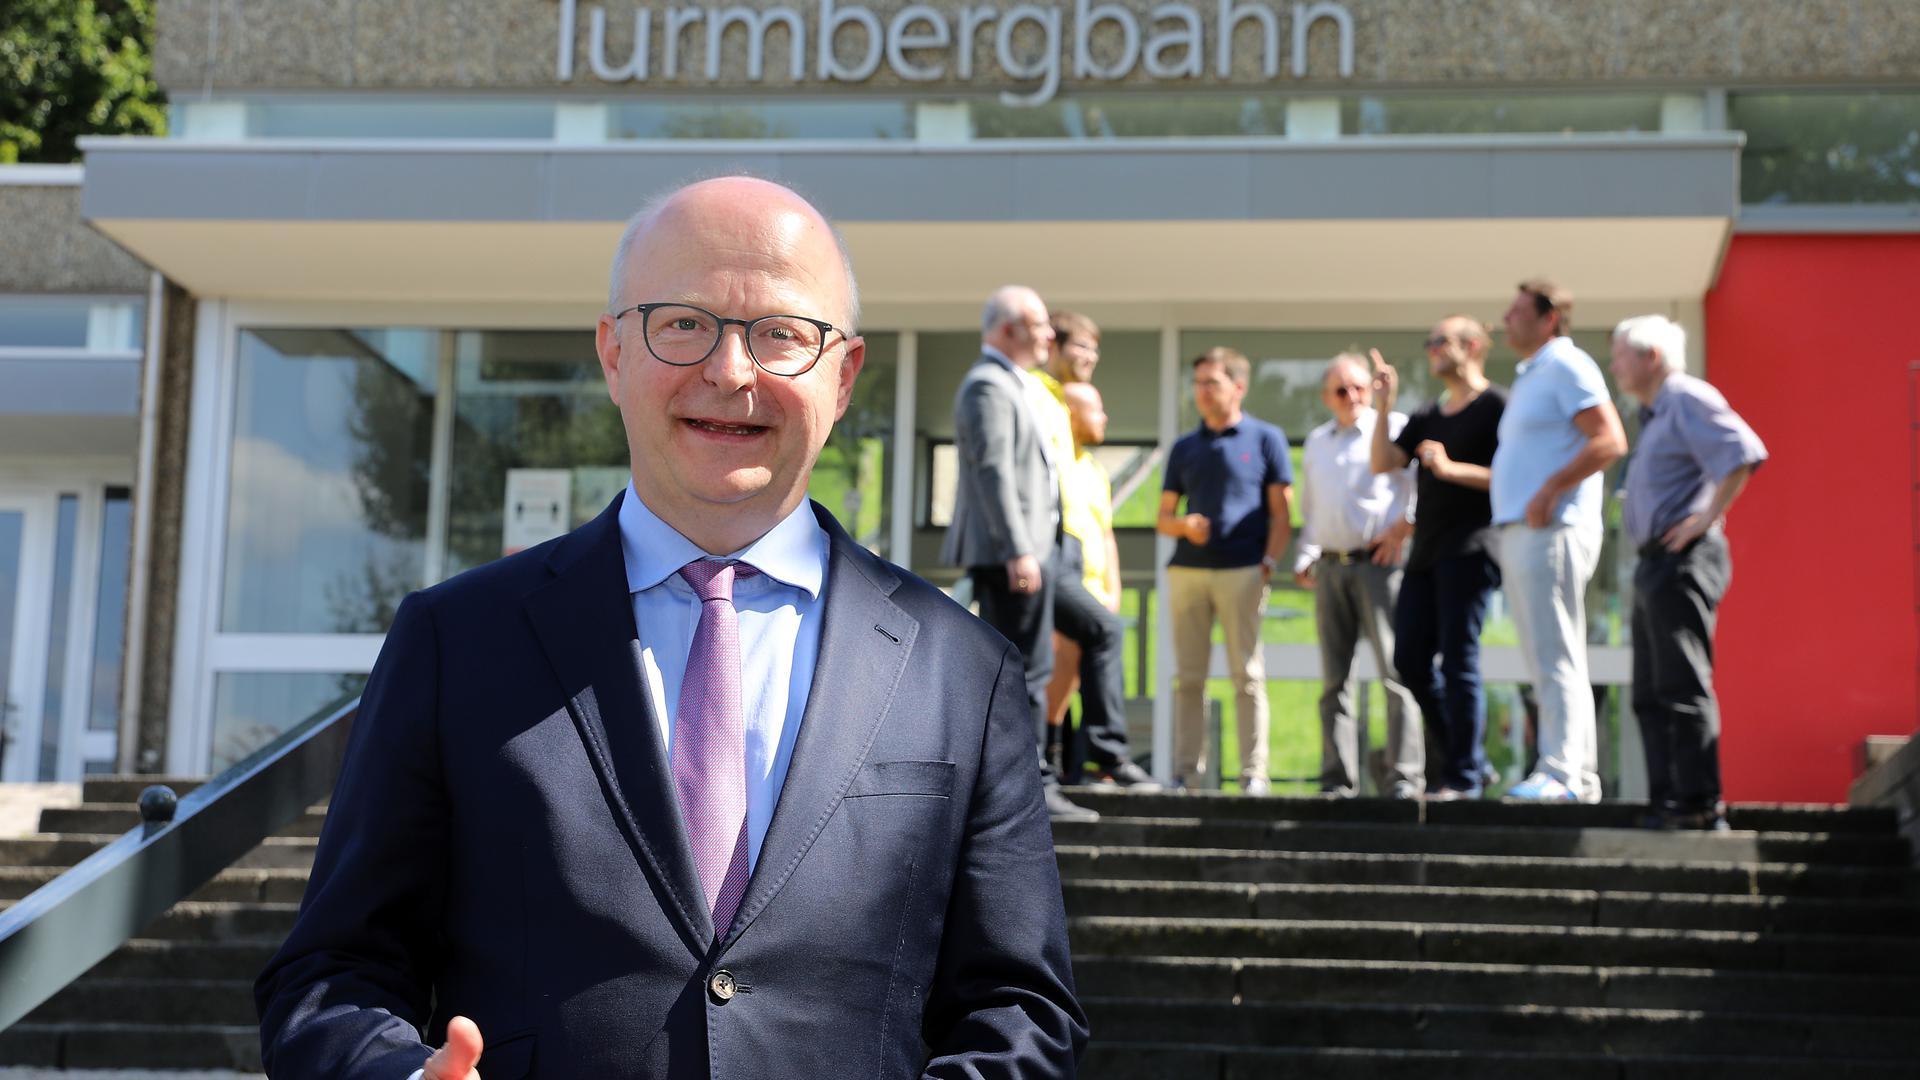 Der FDP-Bundestagskandidat für den Wahlkreis Karlsruhe, Michael Theurer, trifft sich im Wahlkampf am 25. August 2021 mit Parteifreunden an der Turmbergbahn in Durlach.